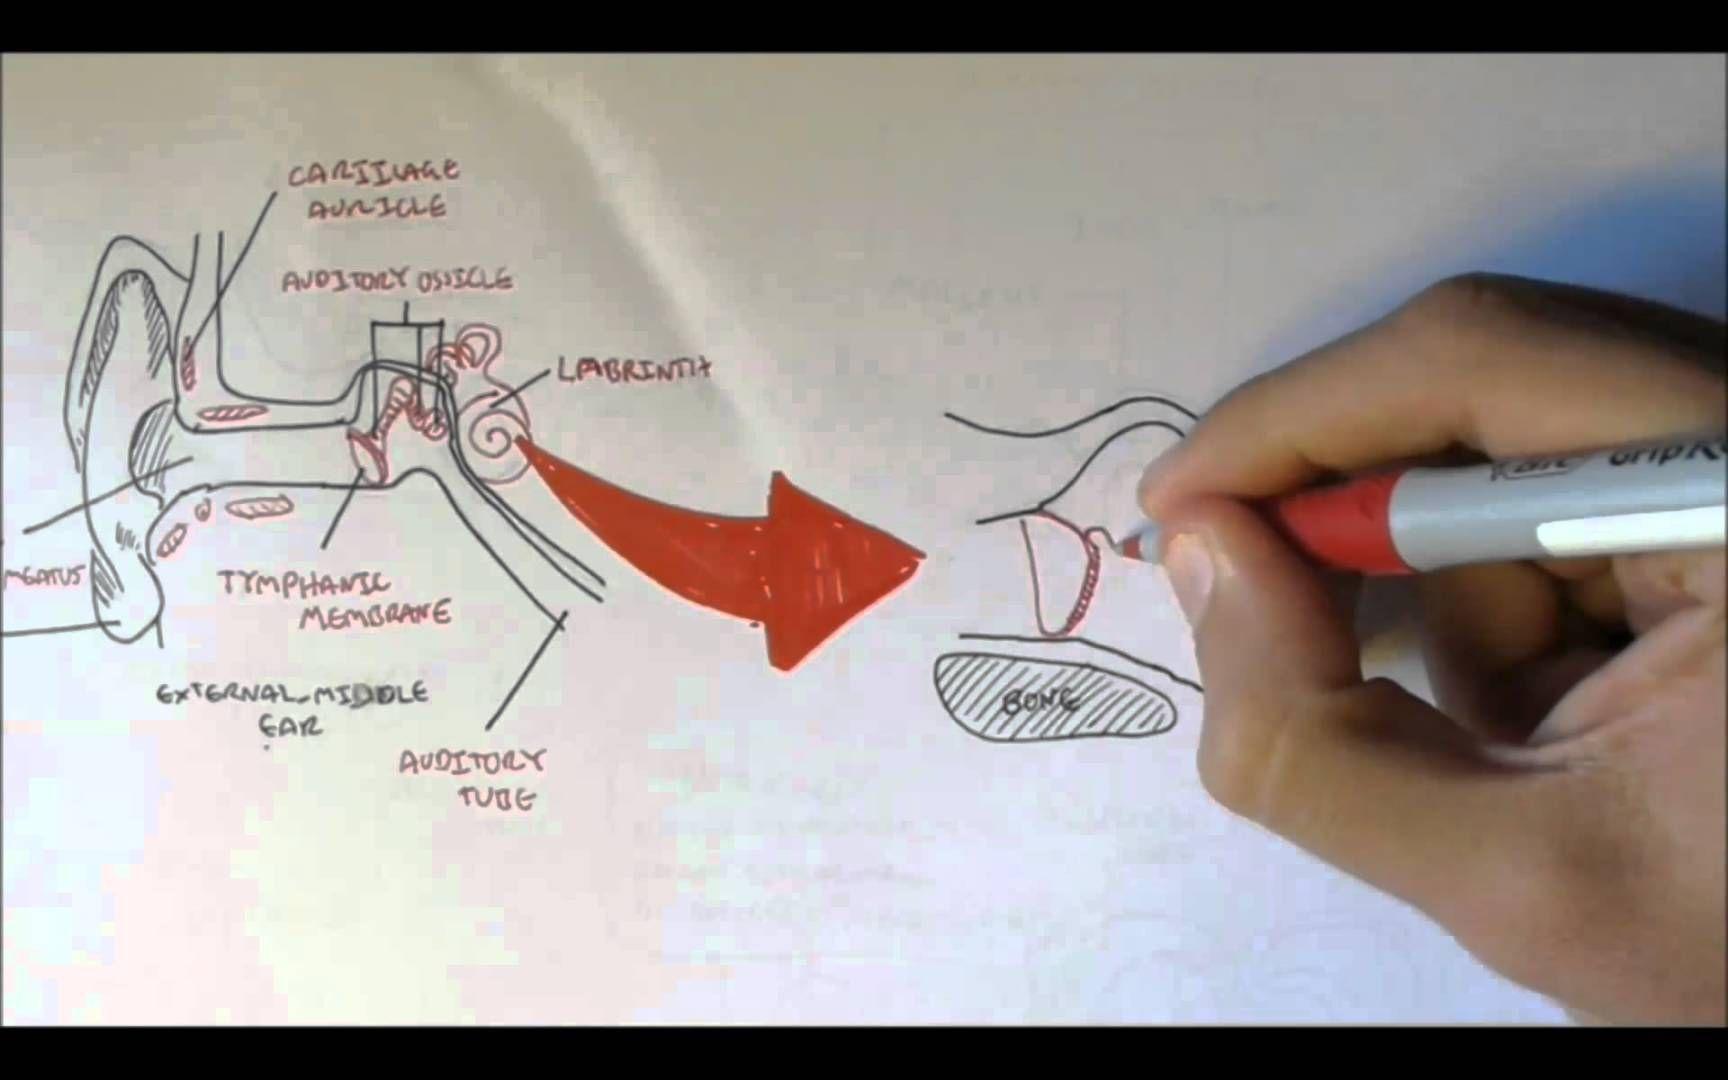 Ear Anatomy S Youtube Watch V Sv7n Hefbfa